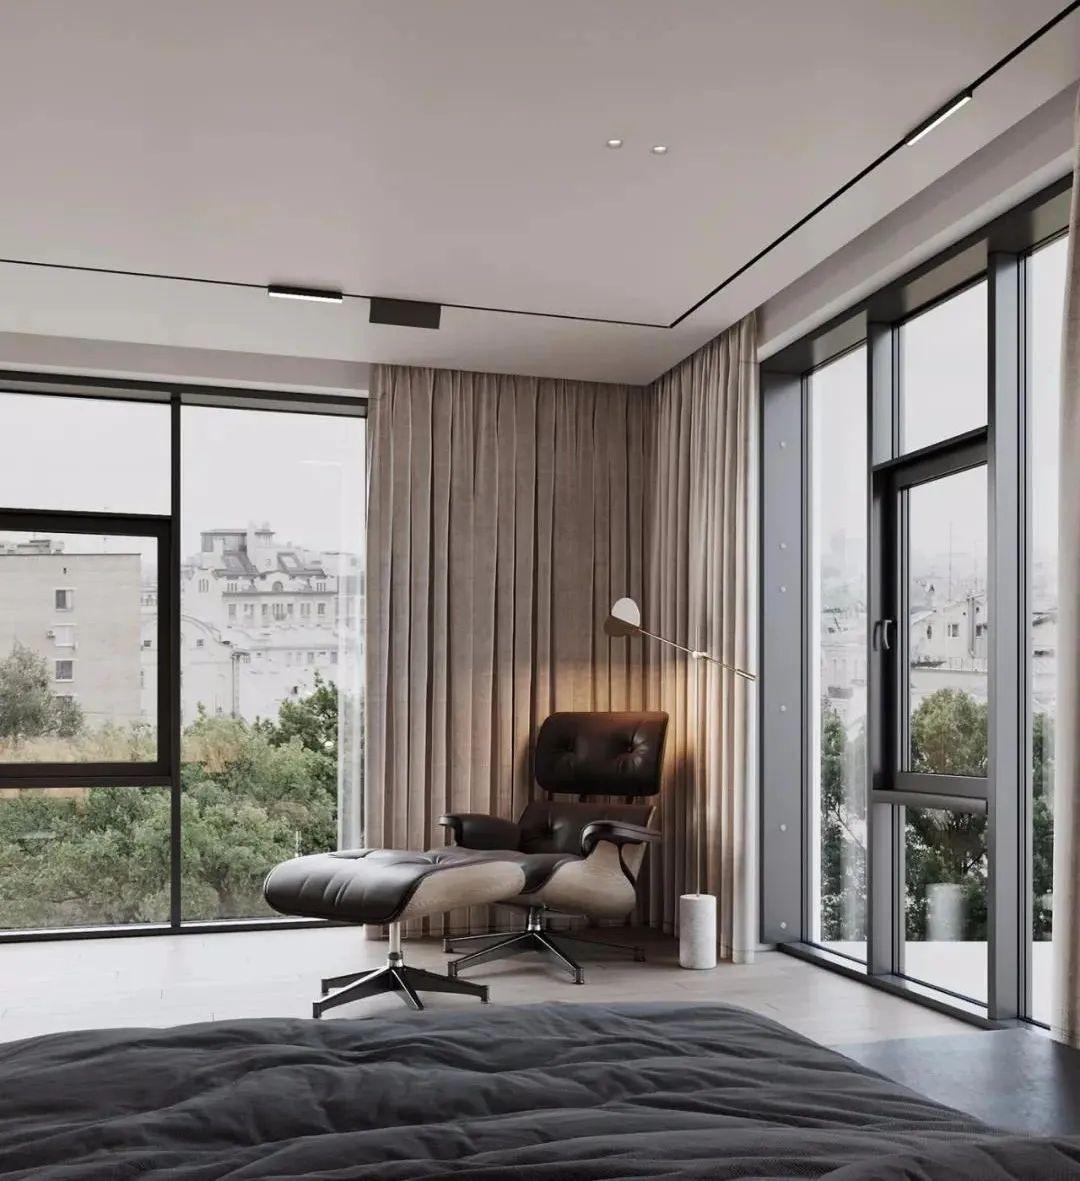 格利佳門窗簡固   用窗戶取景、與自然對話